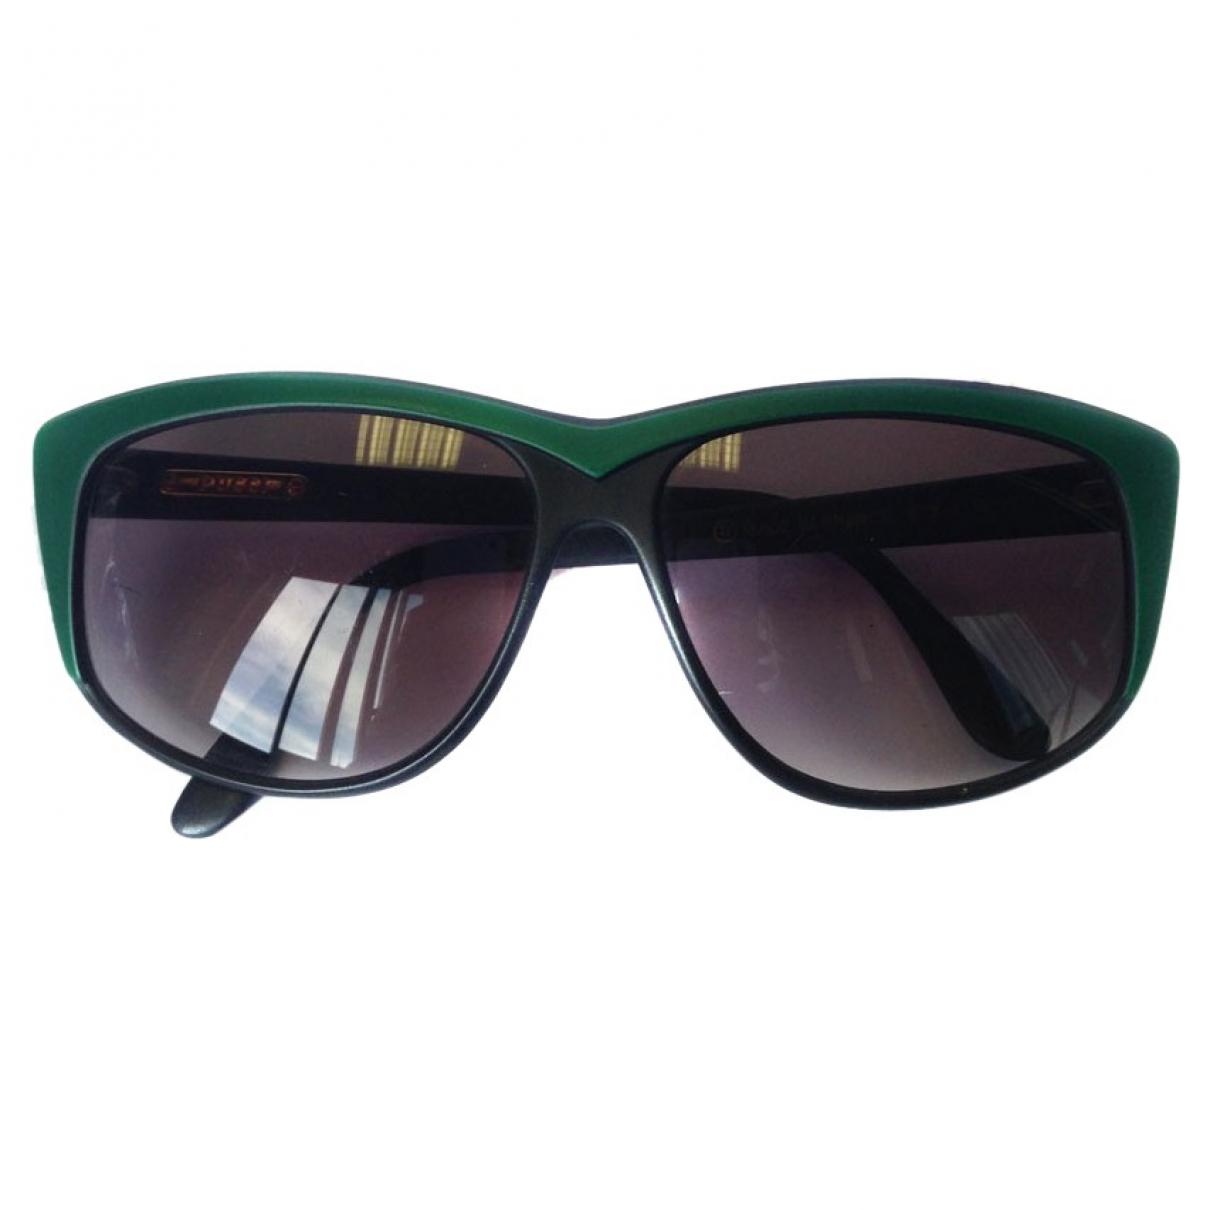 Emilio Pucci - Lunettes   pour femme - vert